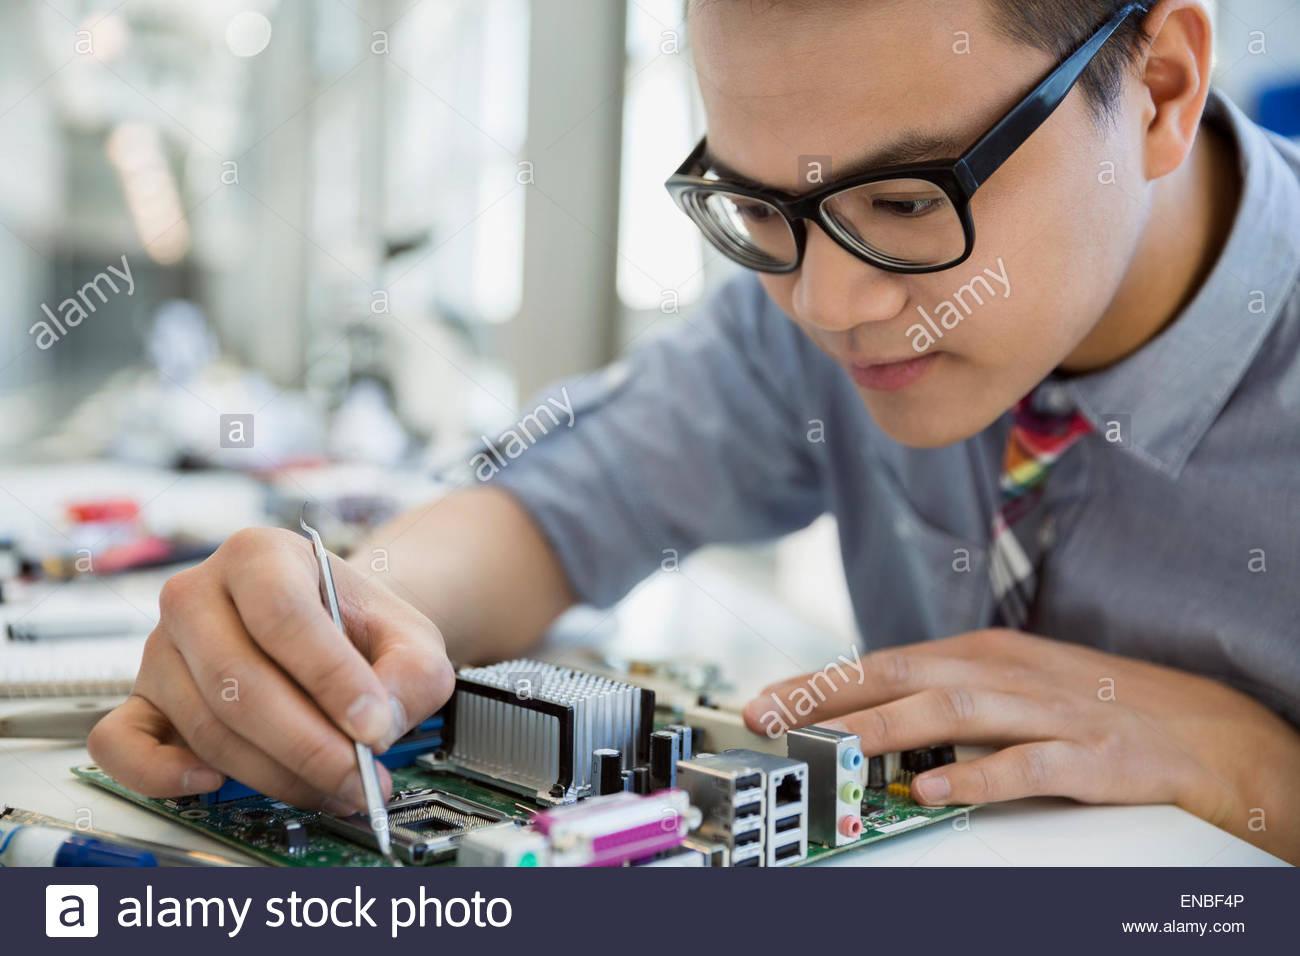 Ingenieur Montage Platine konzentriert Stockbild